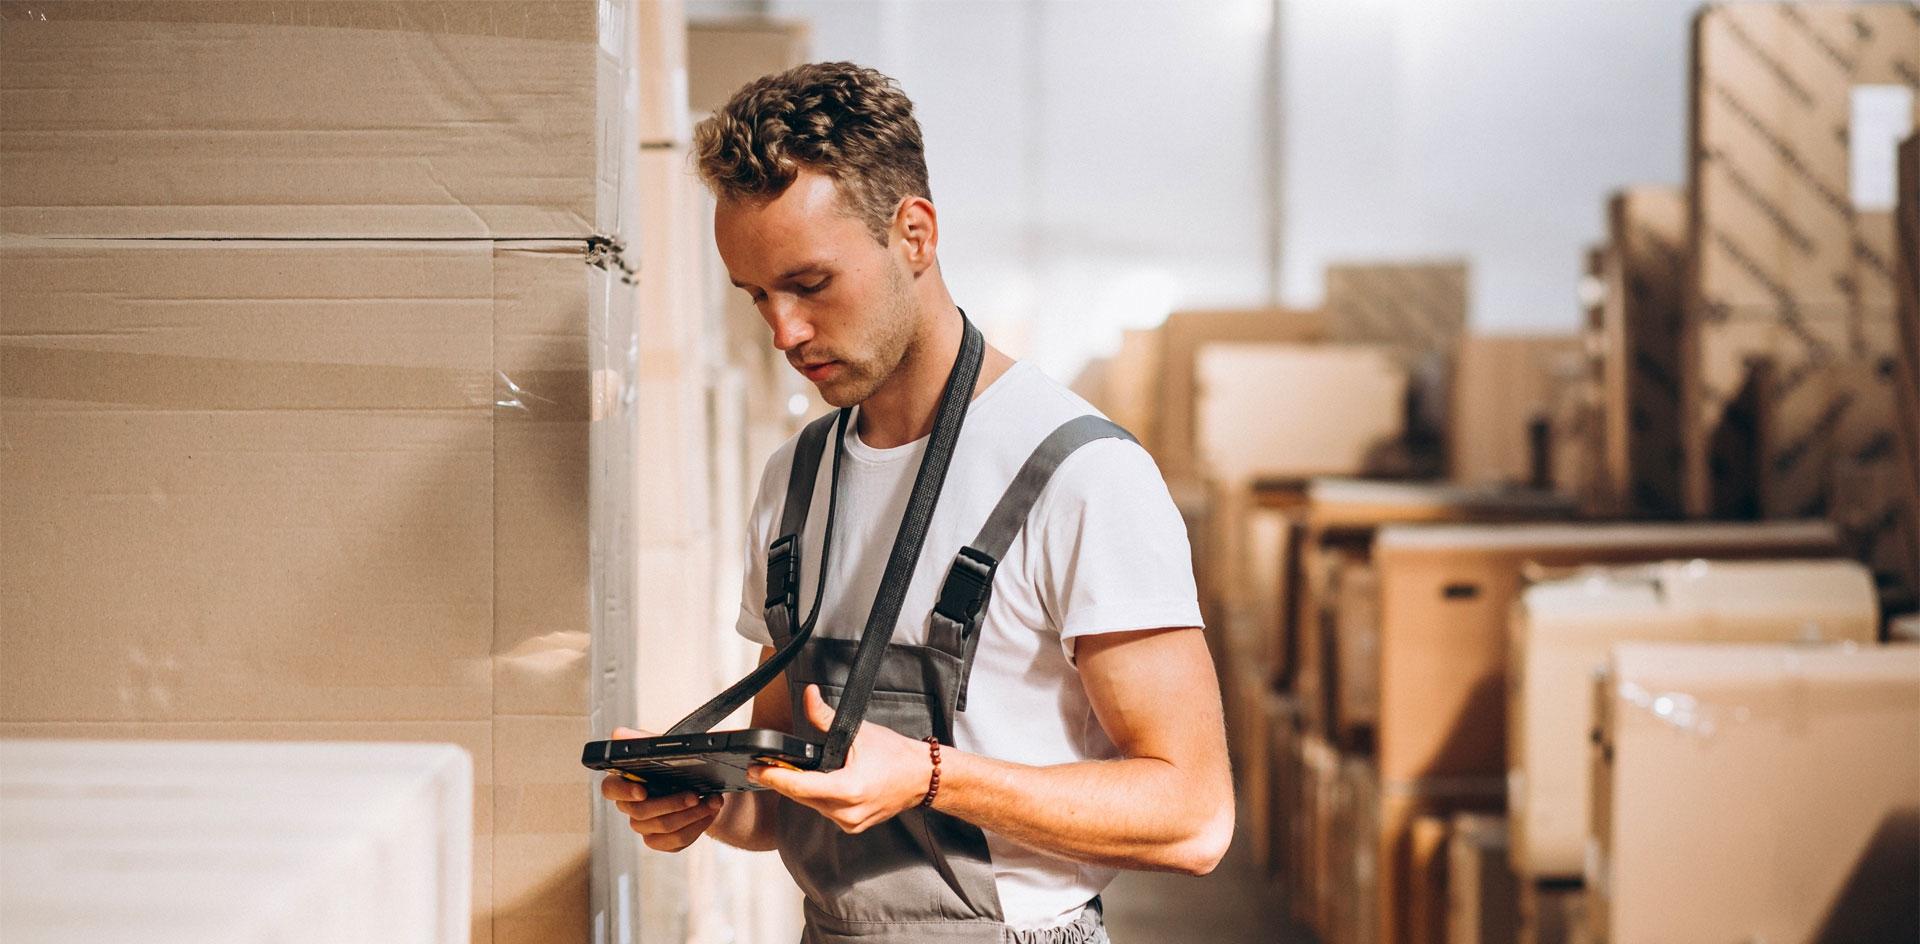 L'agent logistique vérifie le stock de carton.